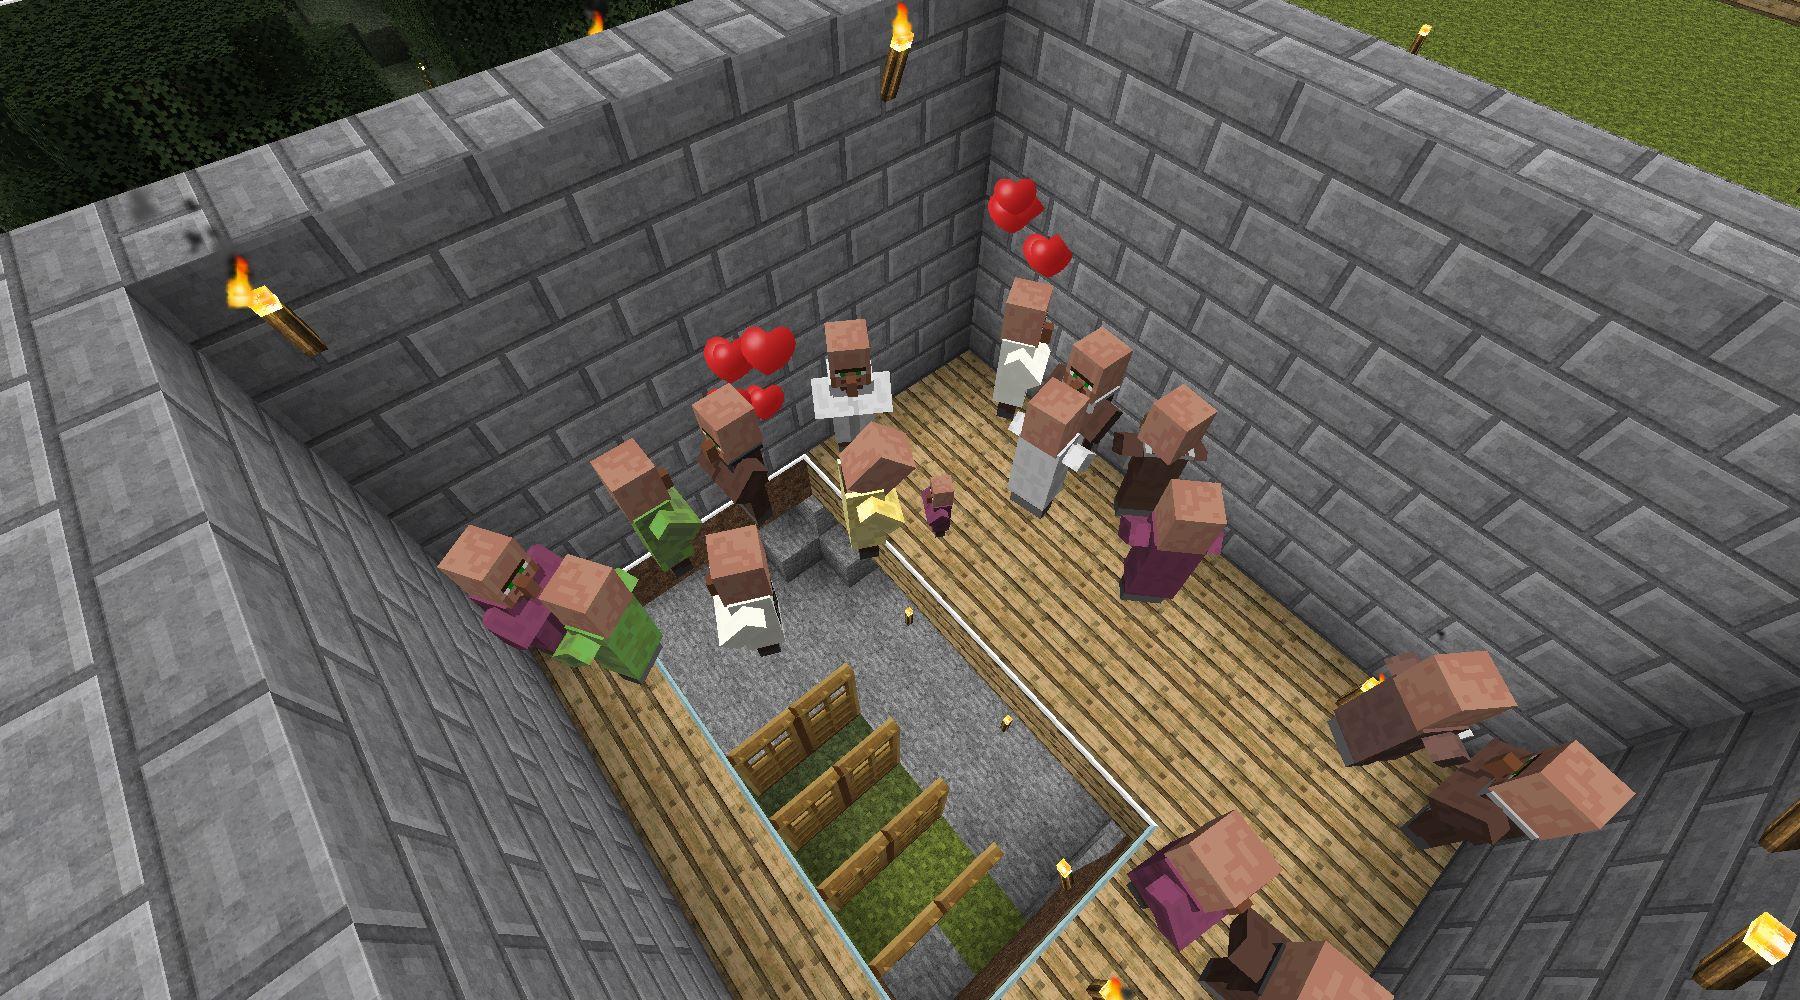 MineCraftチラシの裏 : ゾンビ村発展中